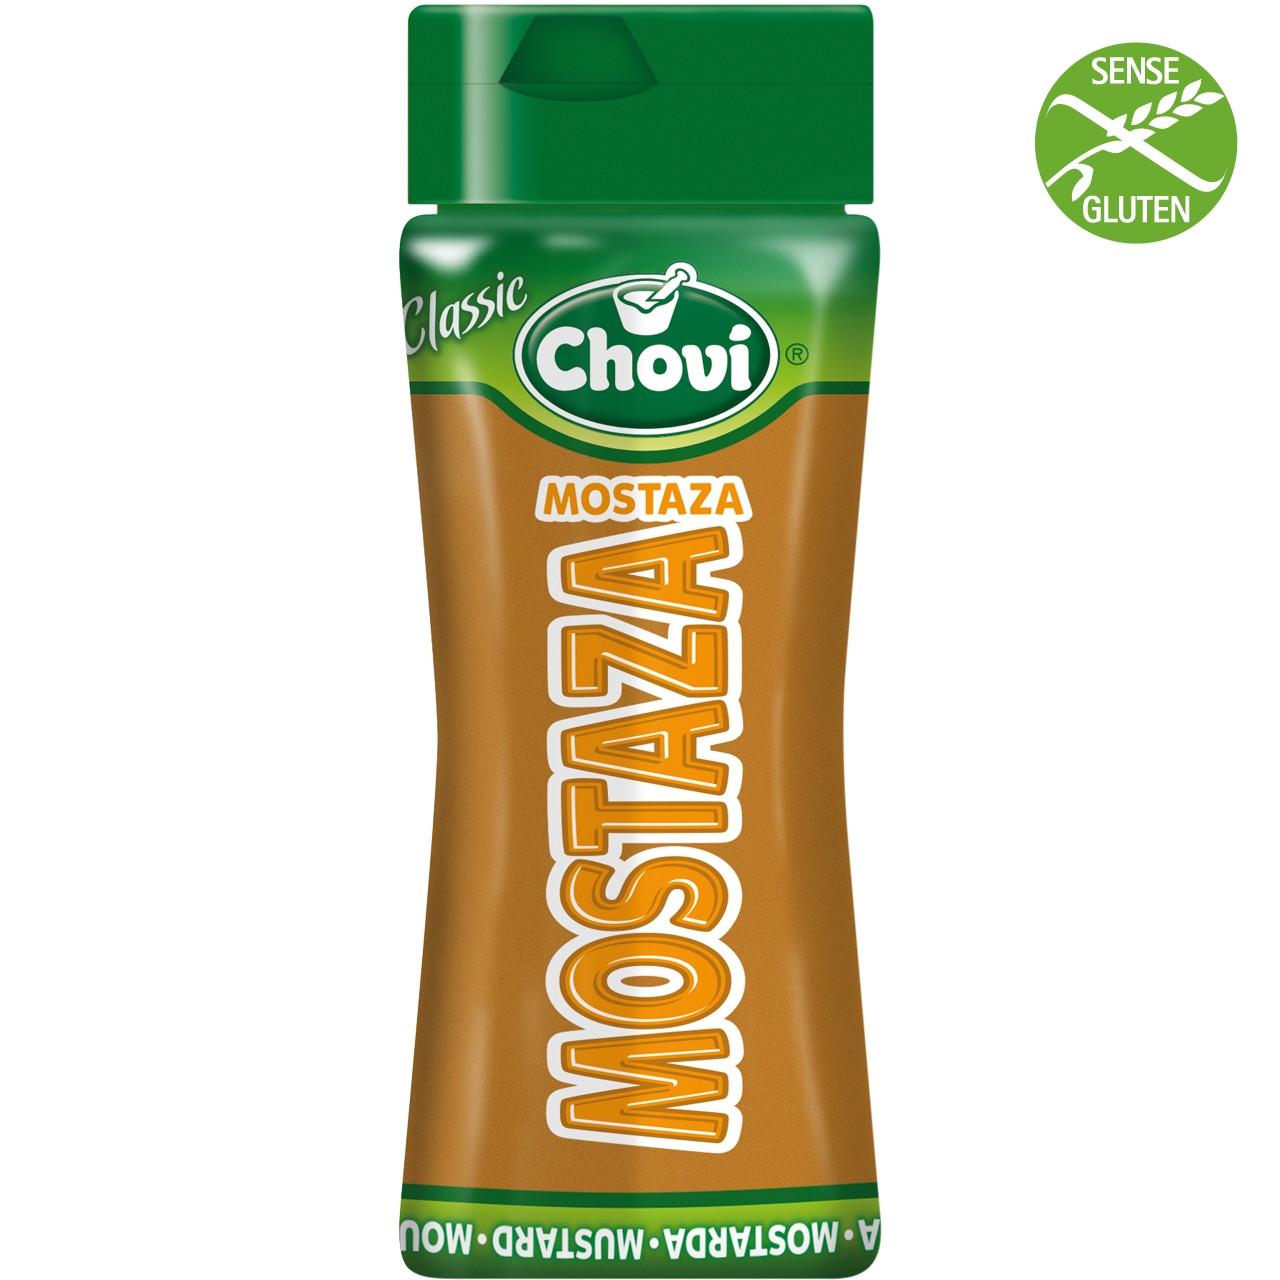 Mostassa groga Chovi